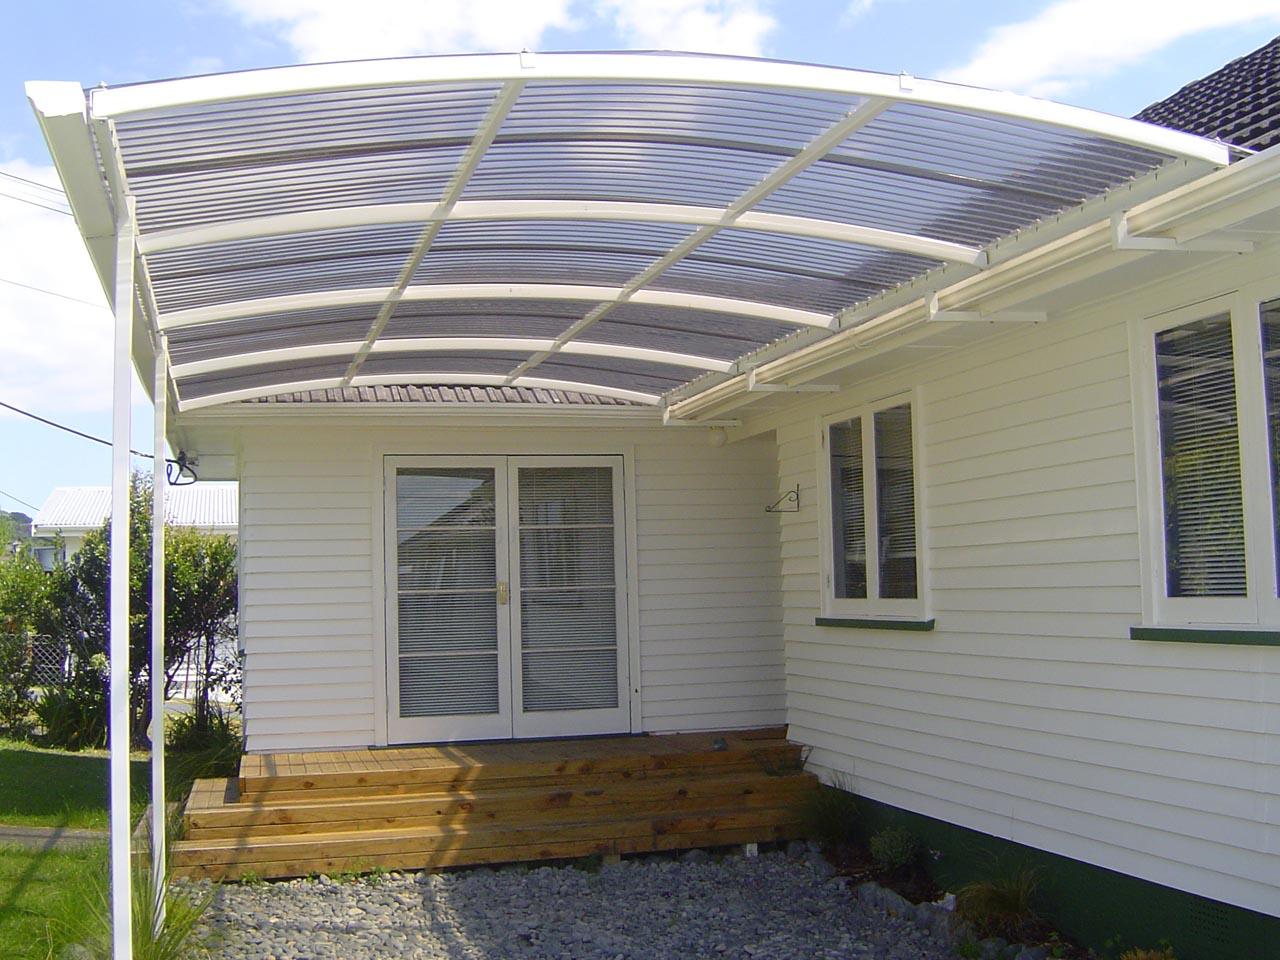 harga atap baja ringan untuk kanopi apa sih kelebihan galvalum dibanding yang lain